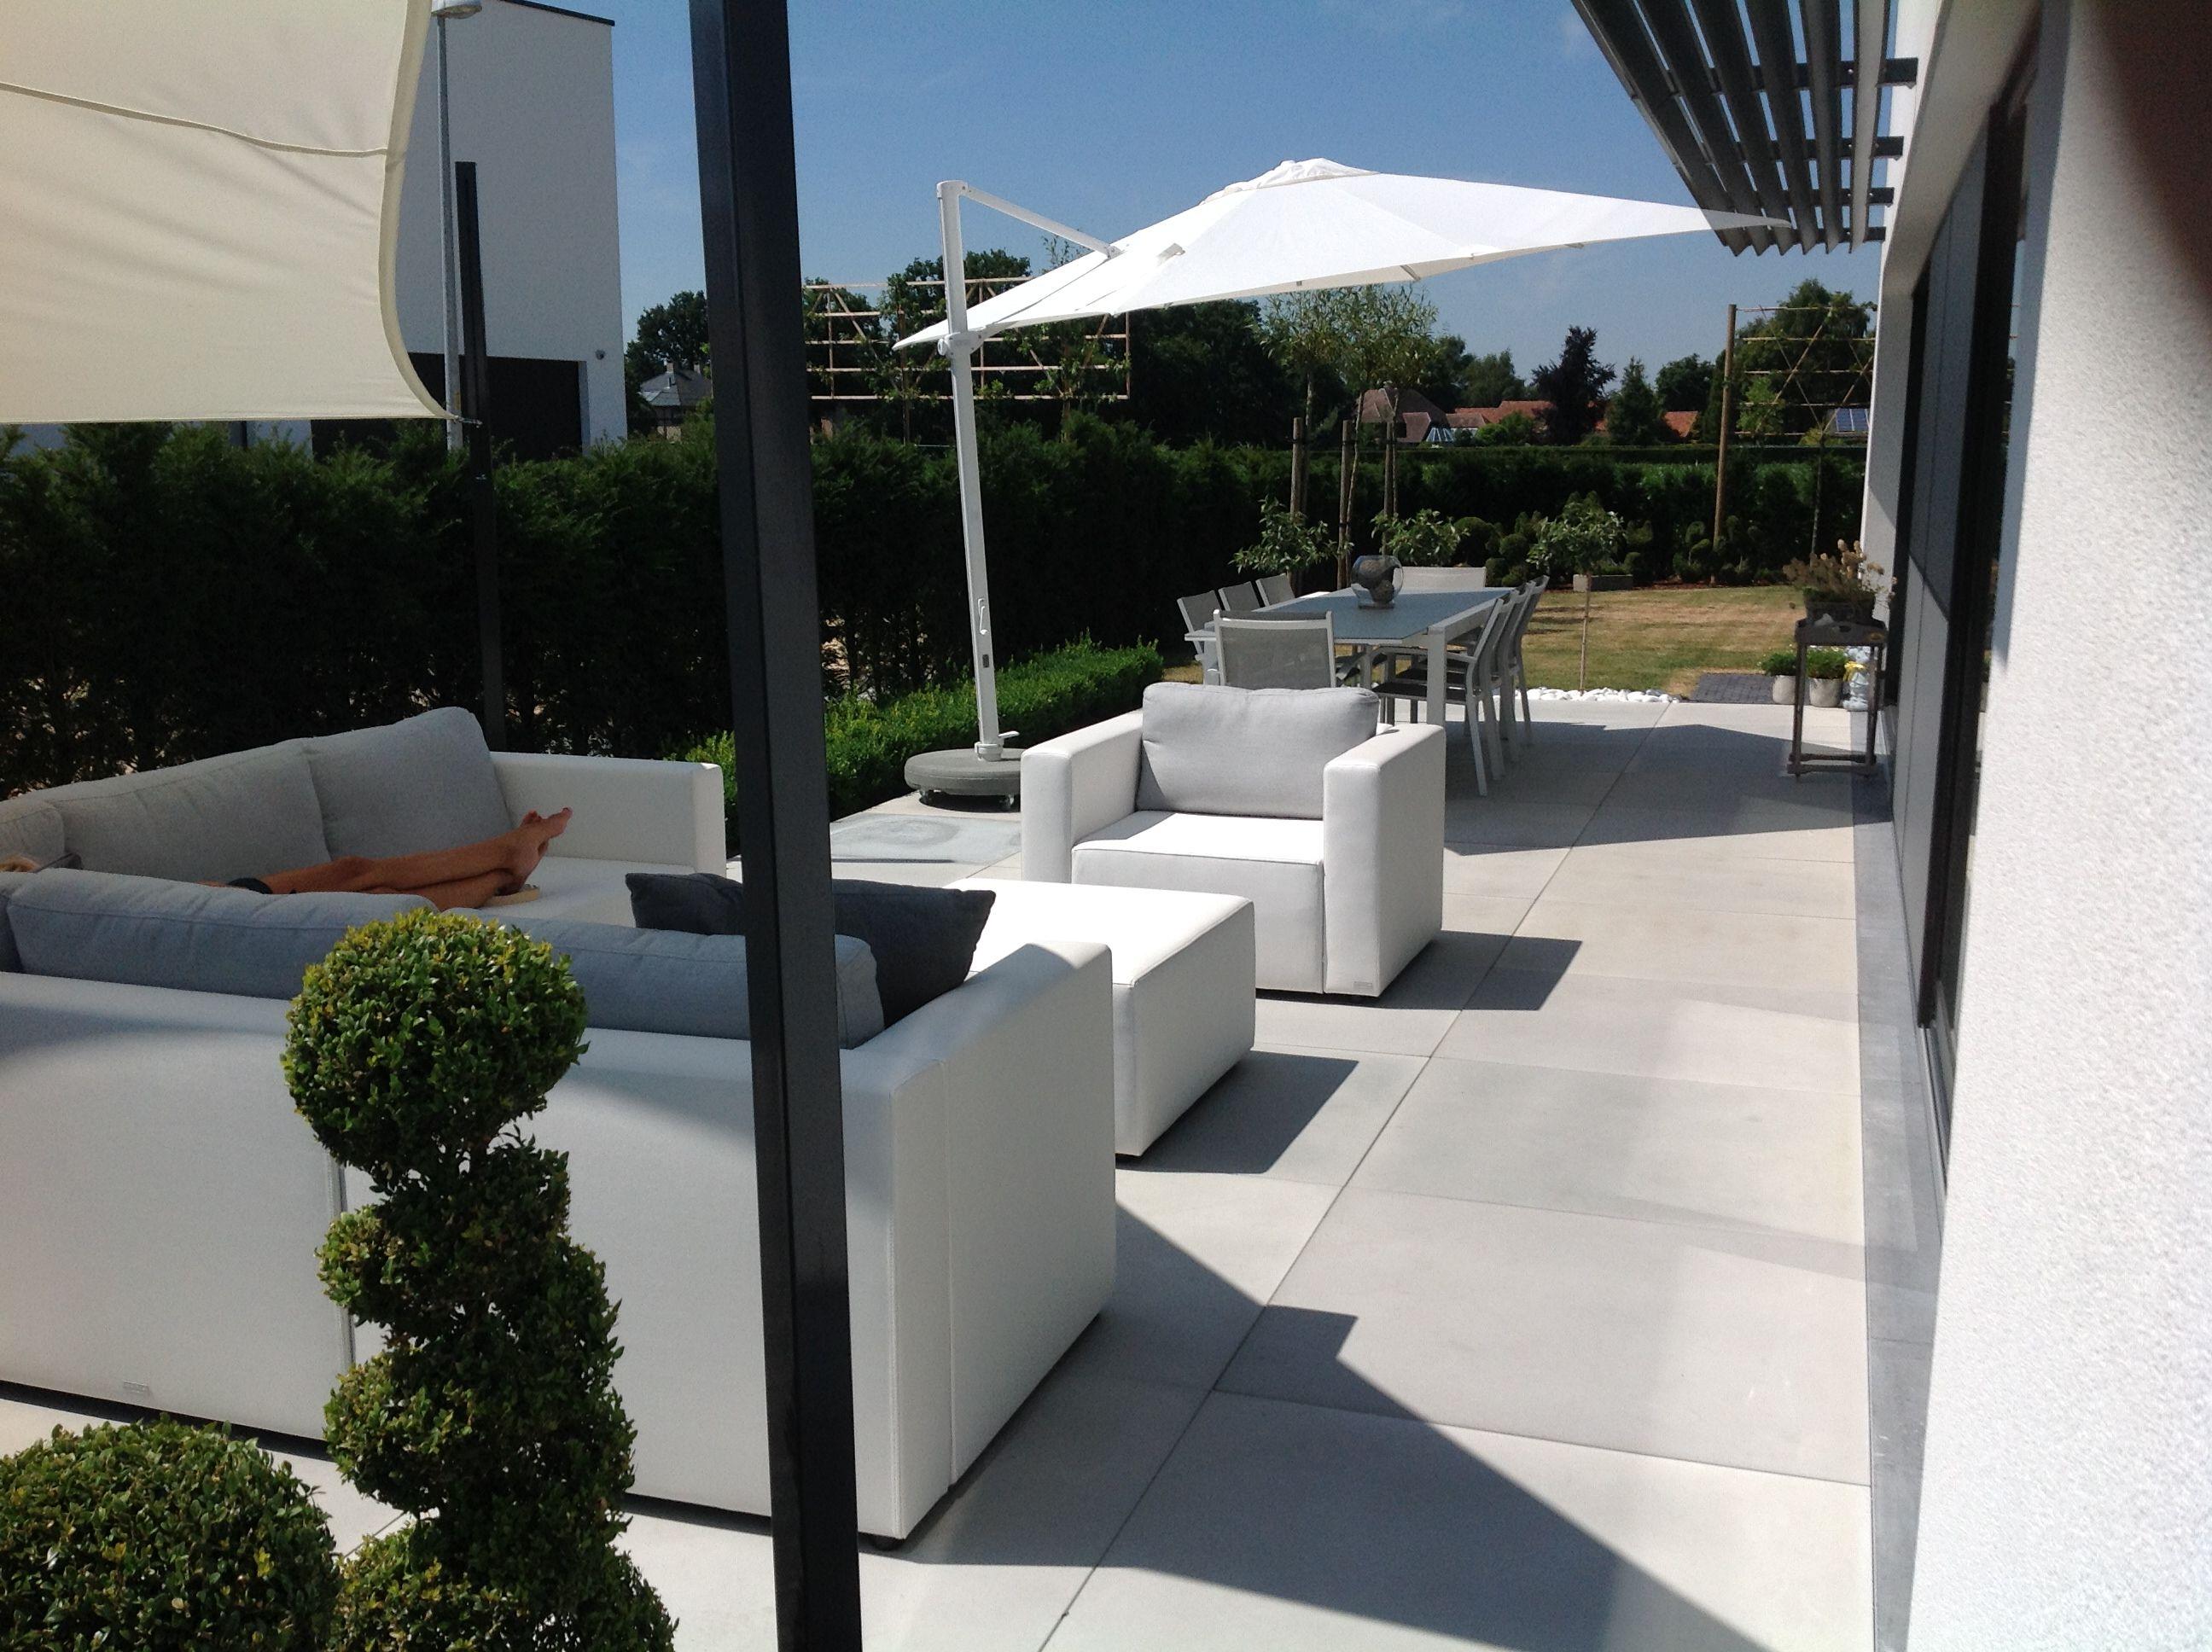 Loftstone betontegels. 100x100 cm. voor een zeer modern en strak ...